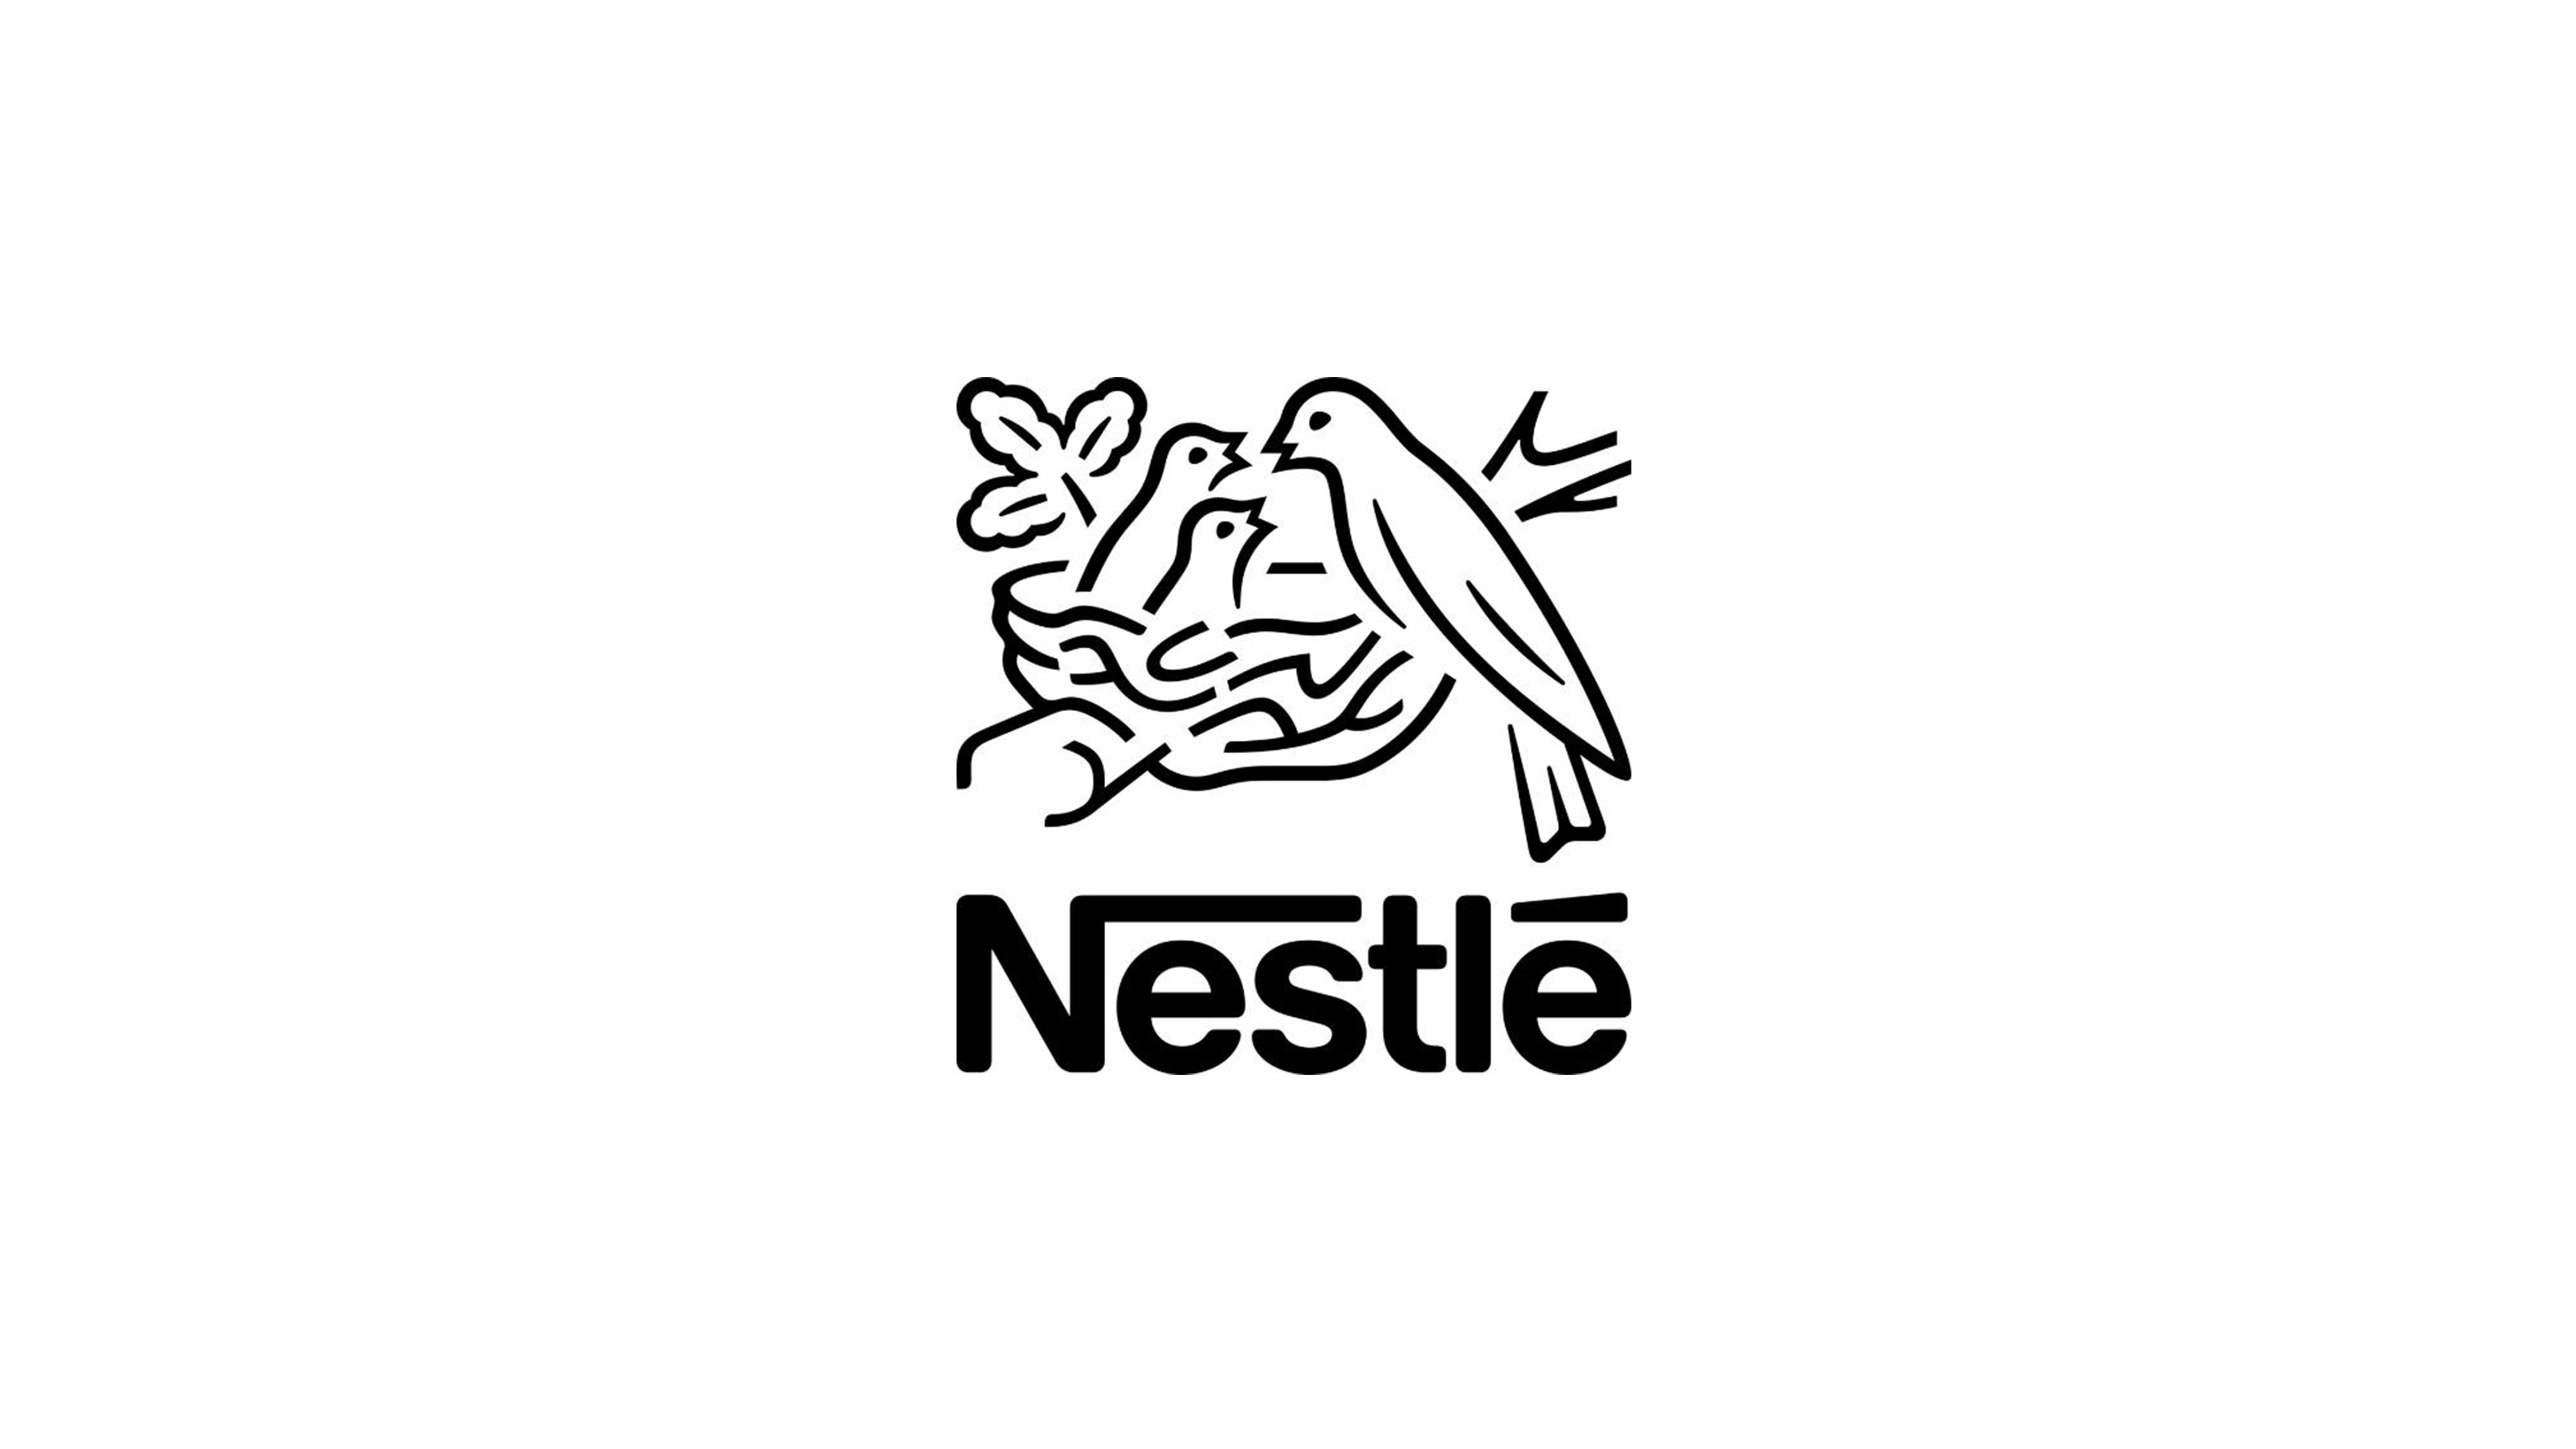 雀巢集团logo图片含义/演变/变迁及品牌介绍 - logo